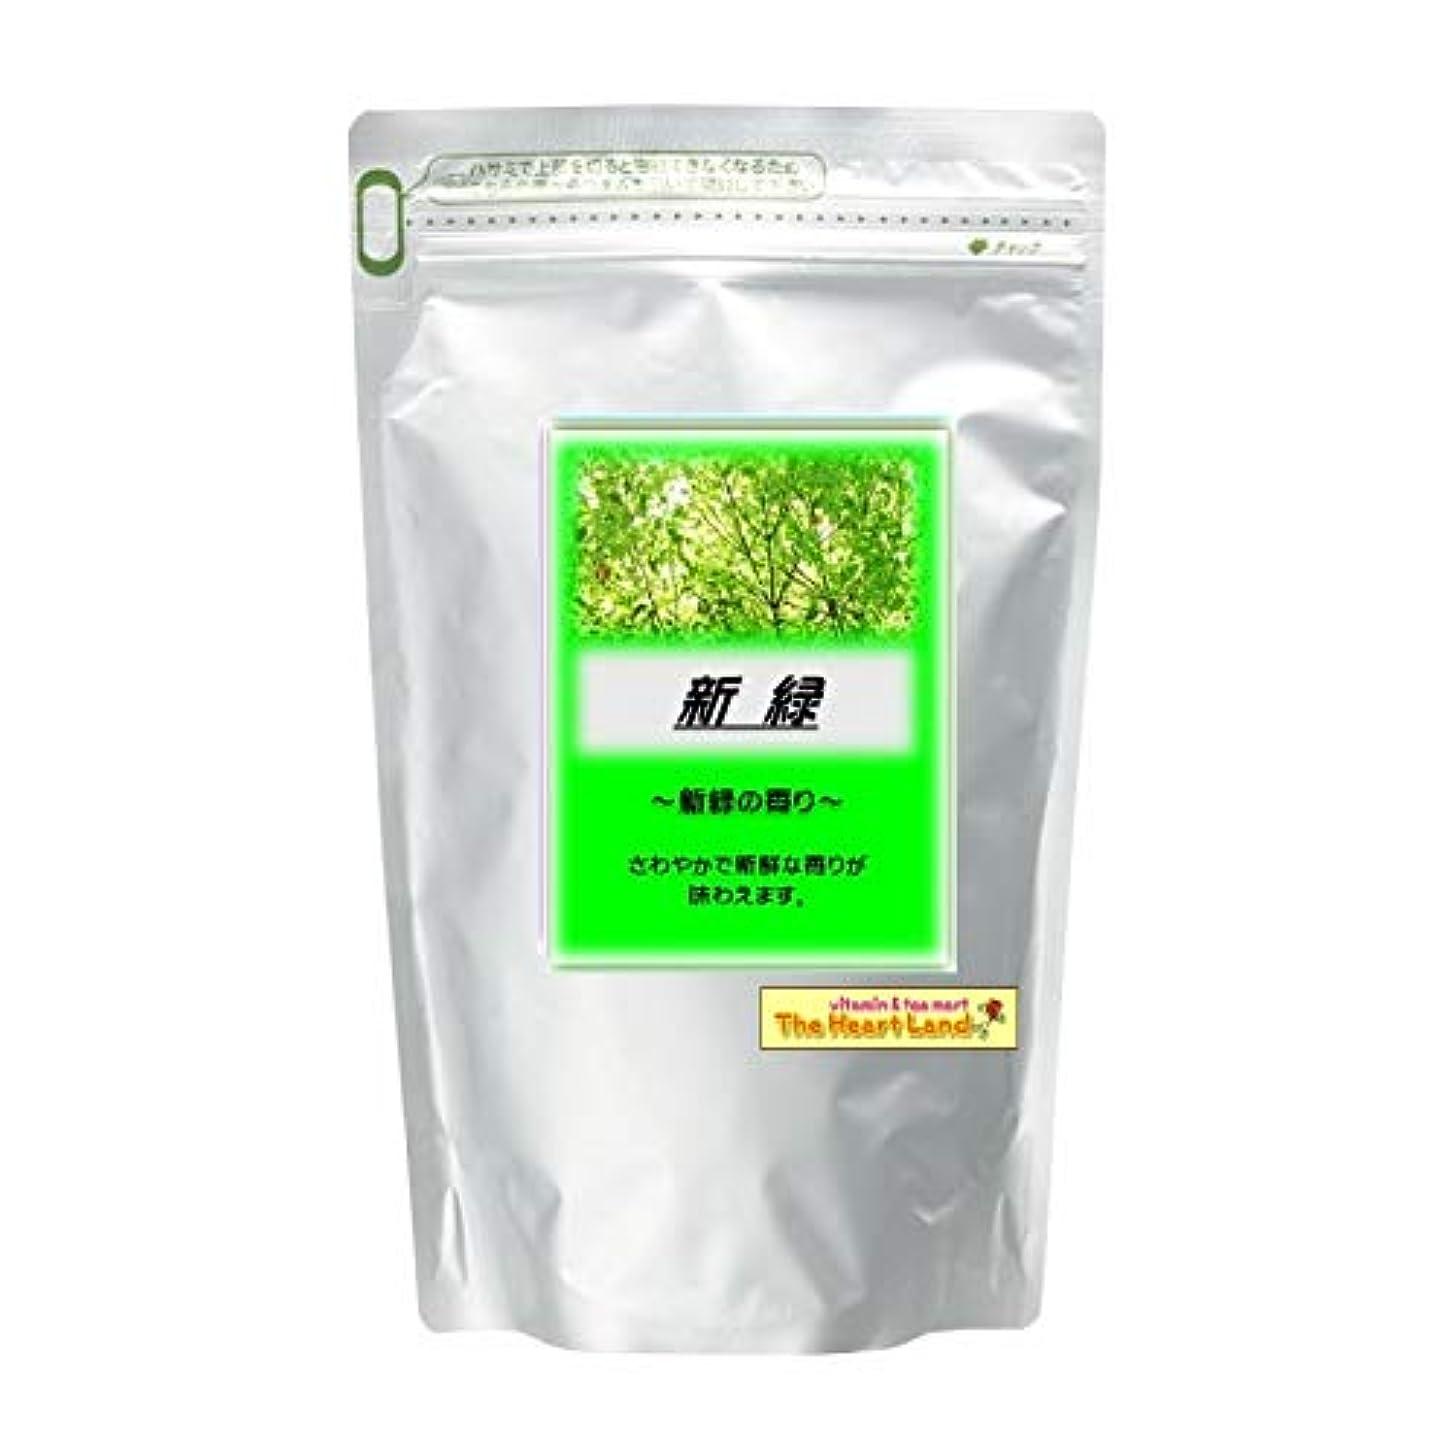 肥沃な提供する嫌がるアサヒ入浴剤 浴用入浴化粧品 新緑 300g